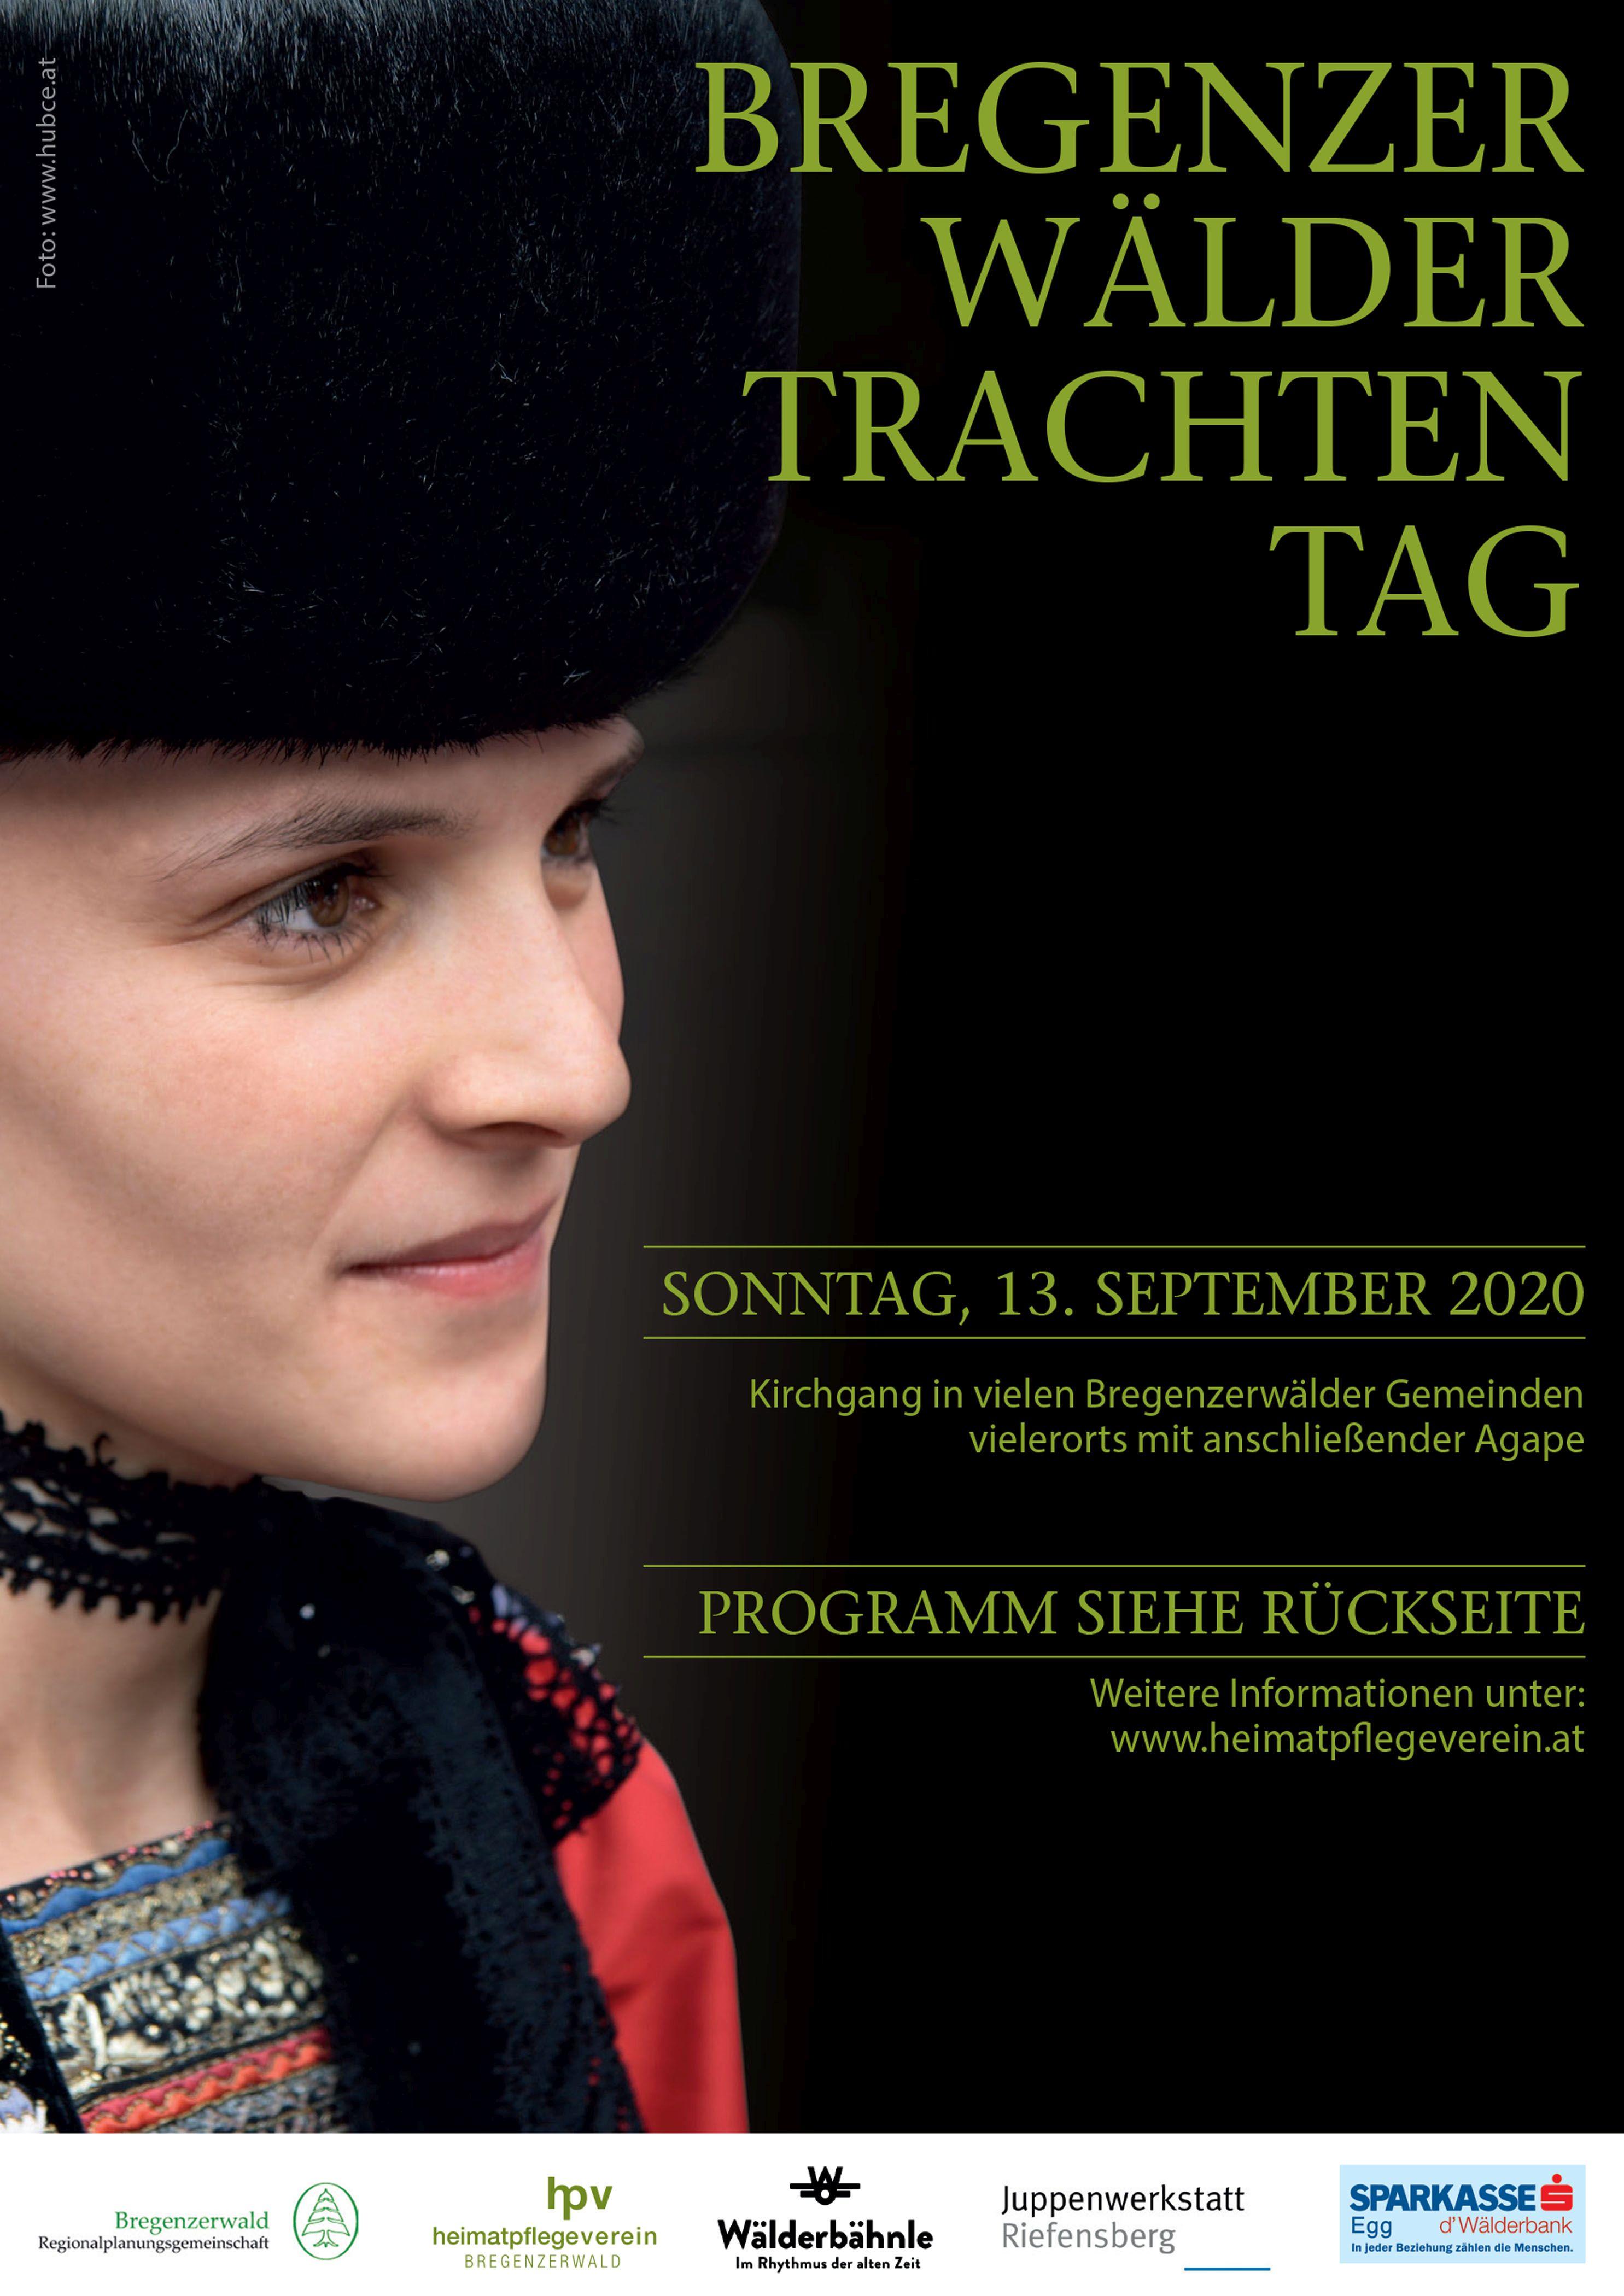 8. Bregenzerwälder Trachtentag